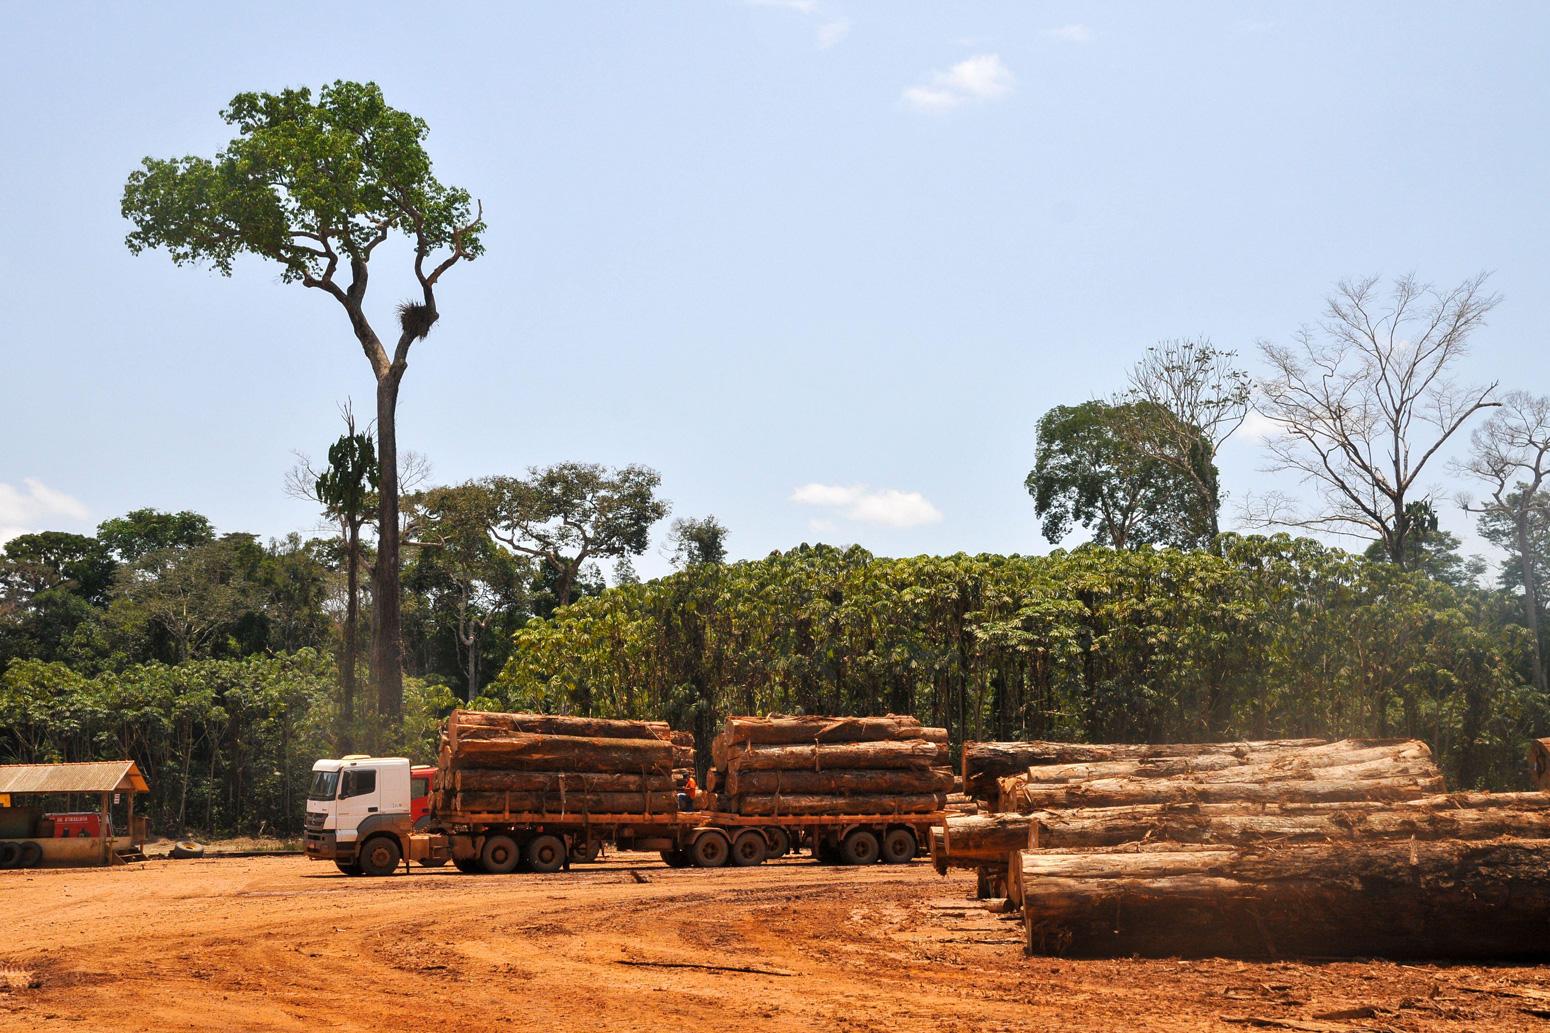 Logging activities in the Brazilian rainforest